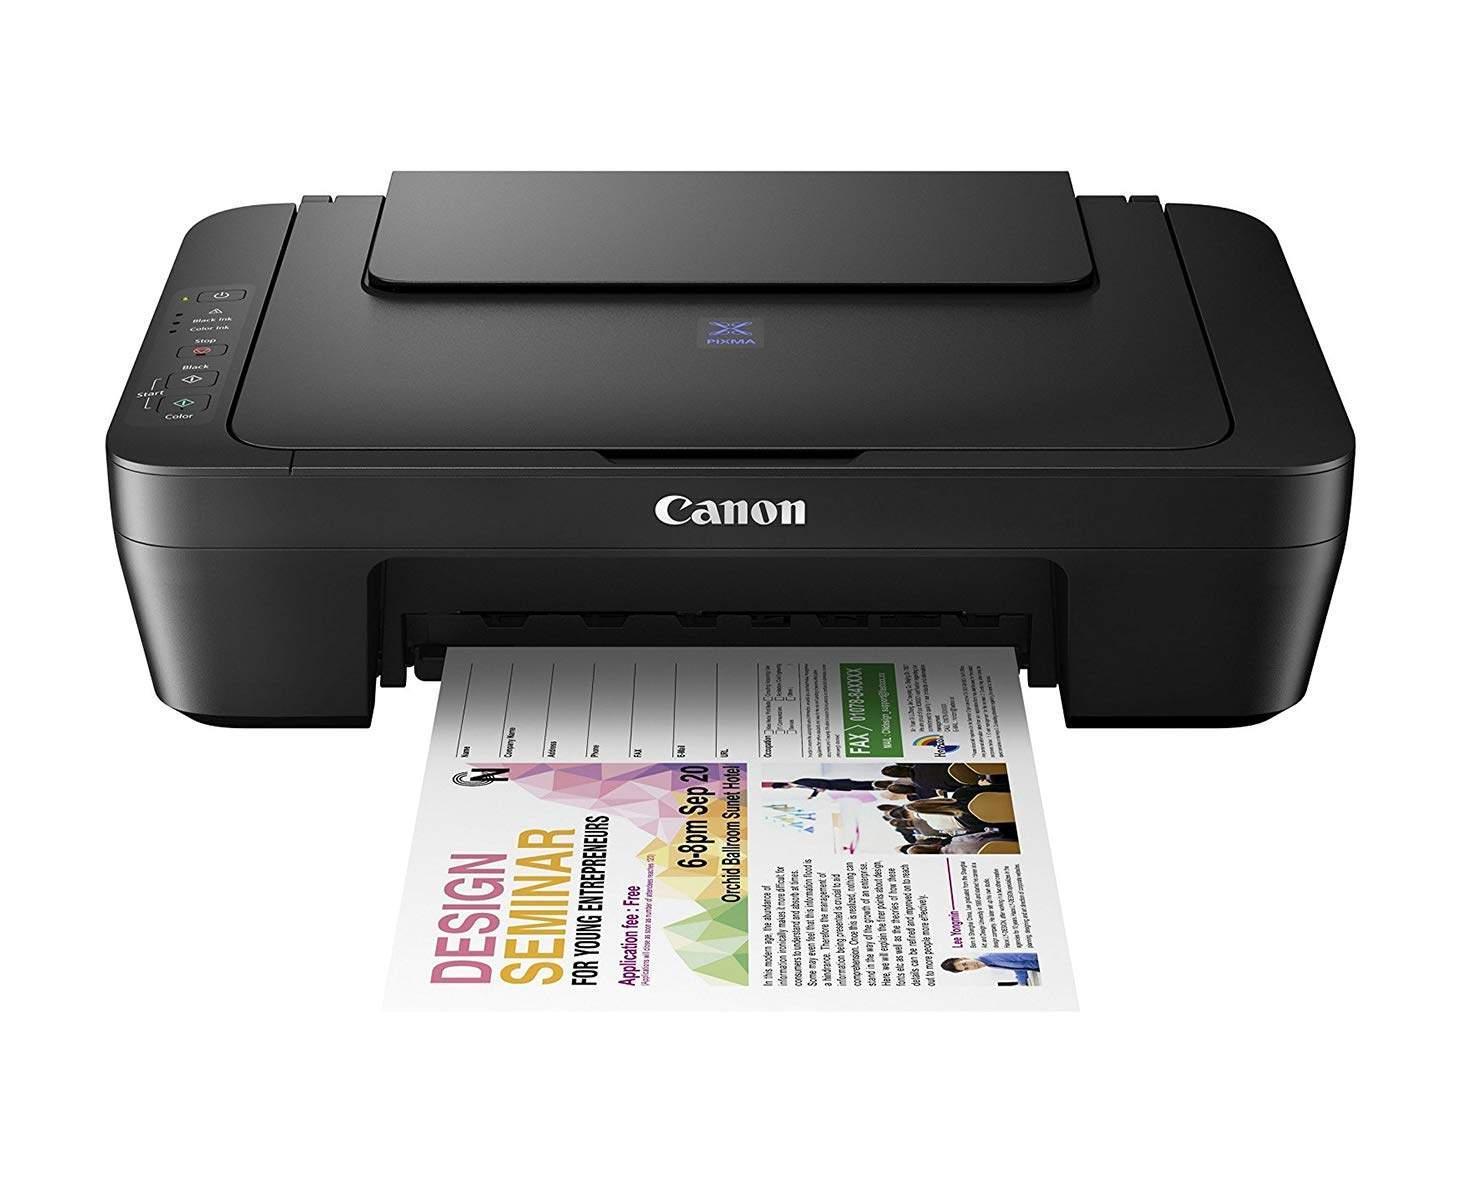 Canon Pixma E410 All In One Inkjet Printer (Black)